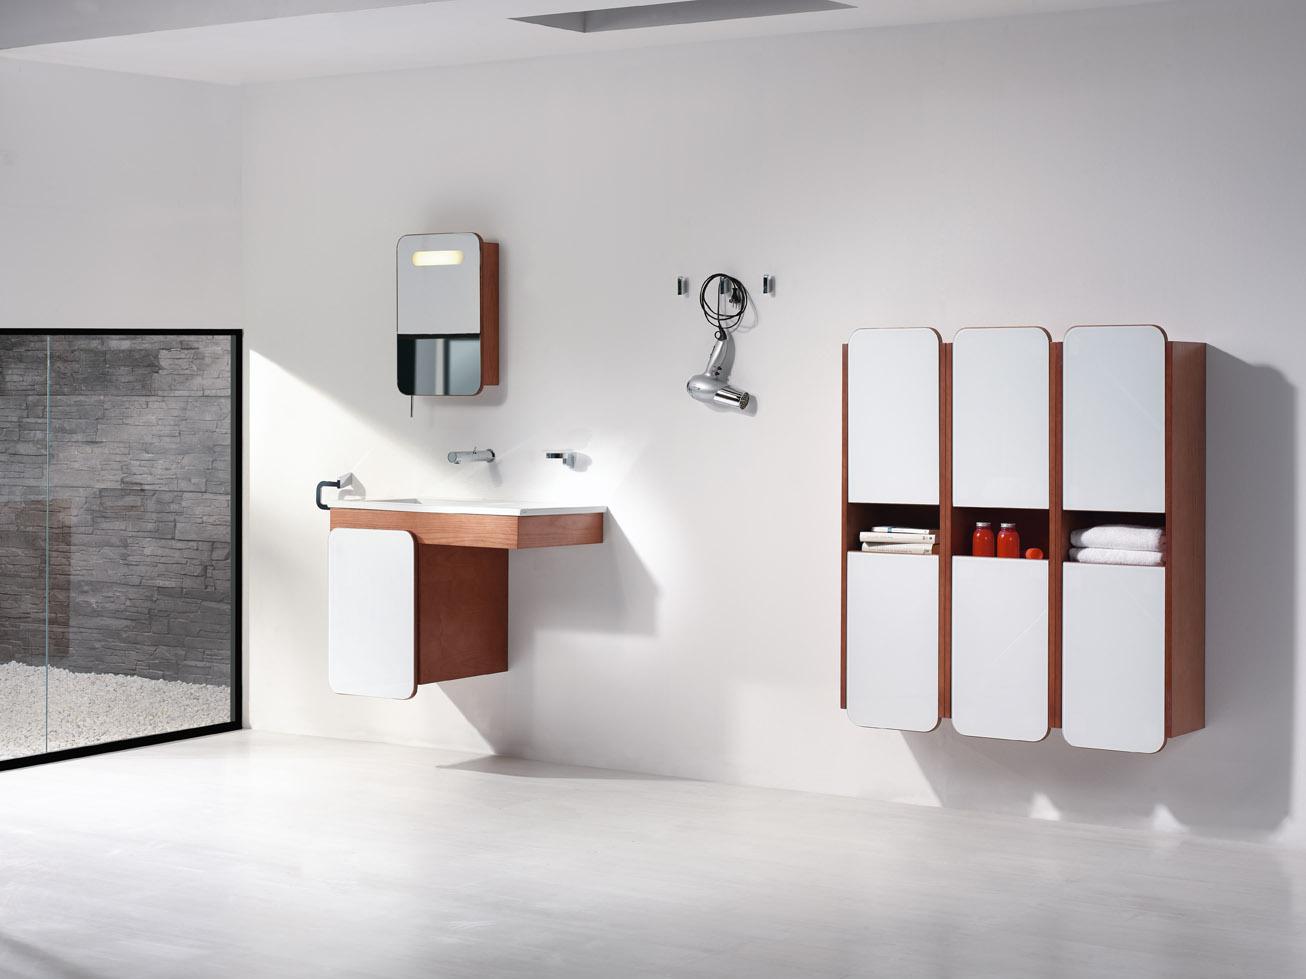 Baño Minimalista Gris:Small Wall Mounted Bathroom Sinks